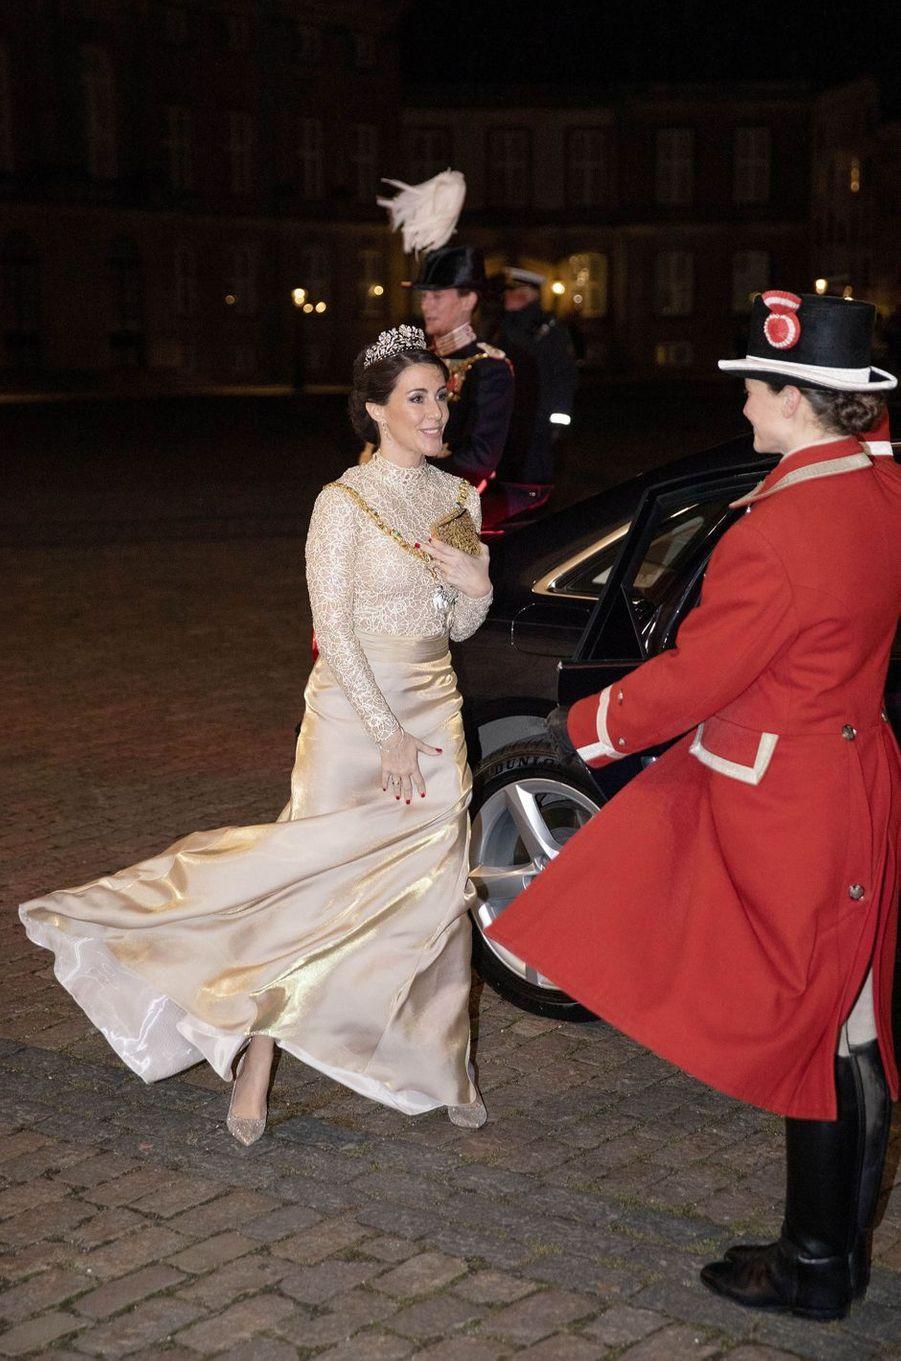 La princesse Marie, en Rikke Gudnitz, et le prince Joachim de Danemark à Copenhague, le 1er janvier 2019